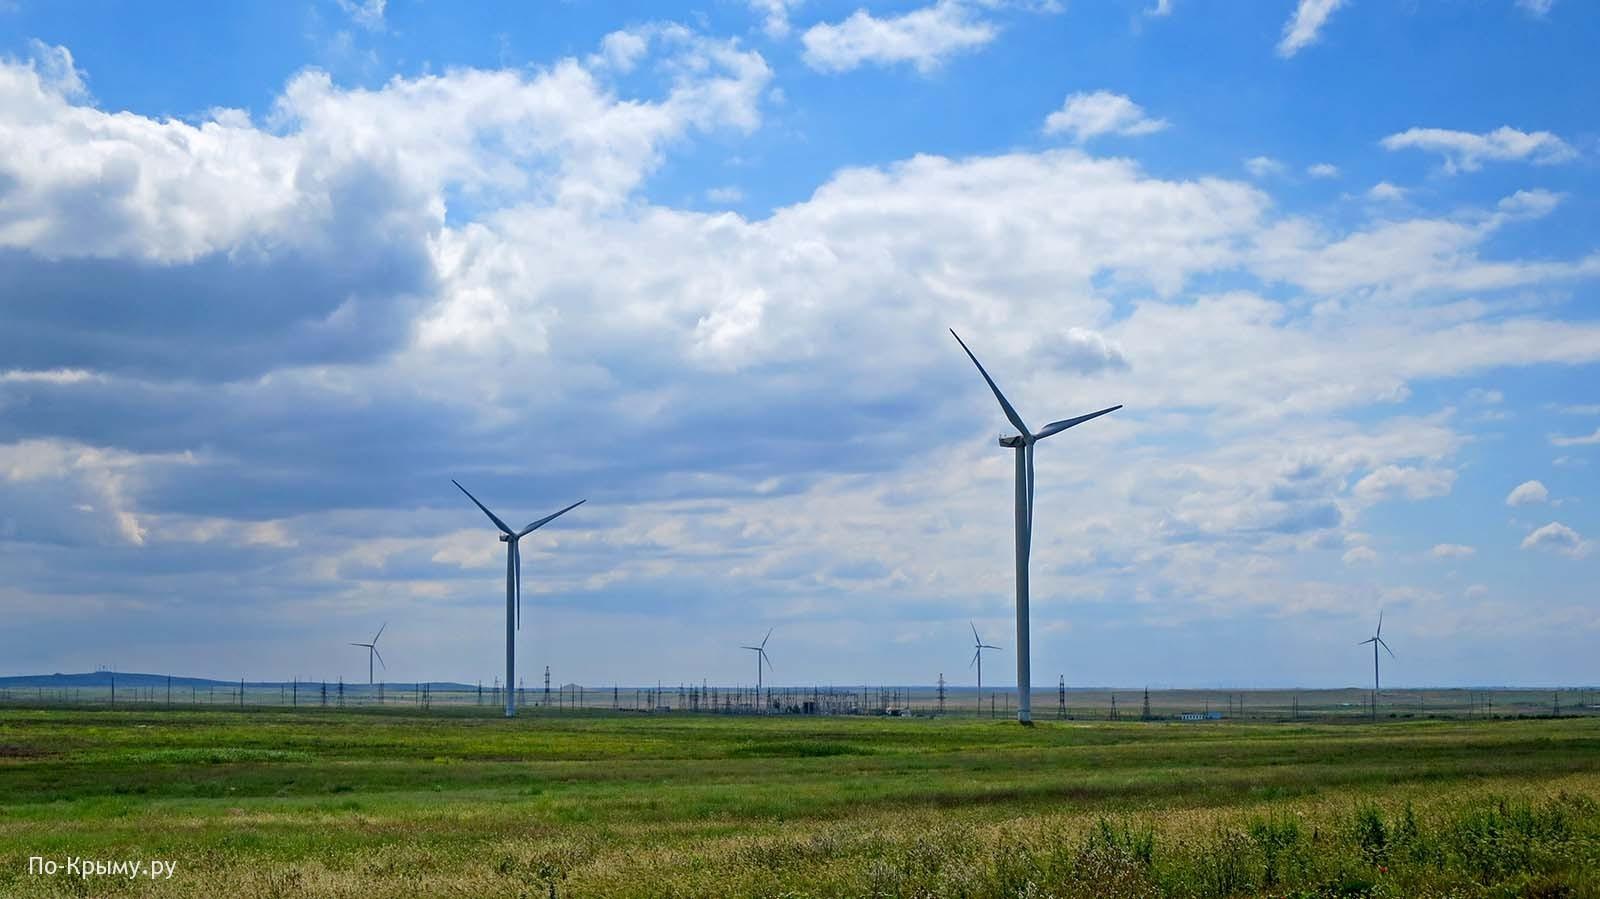 Крымские ветрогенераторы. Останинская ВЭС